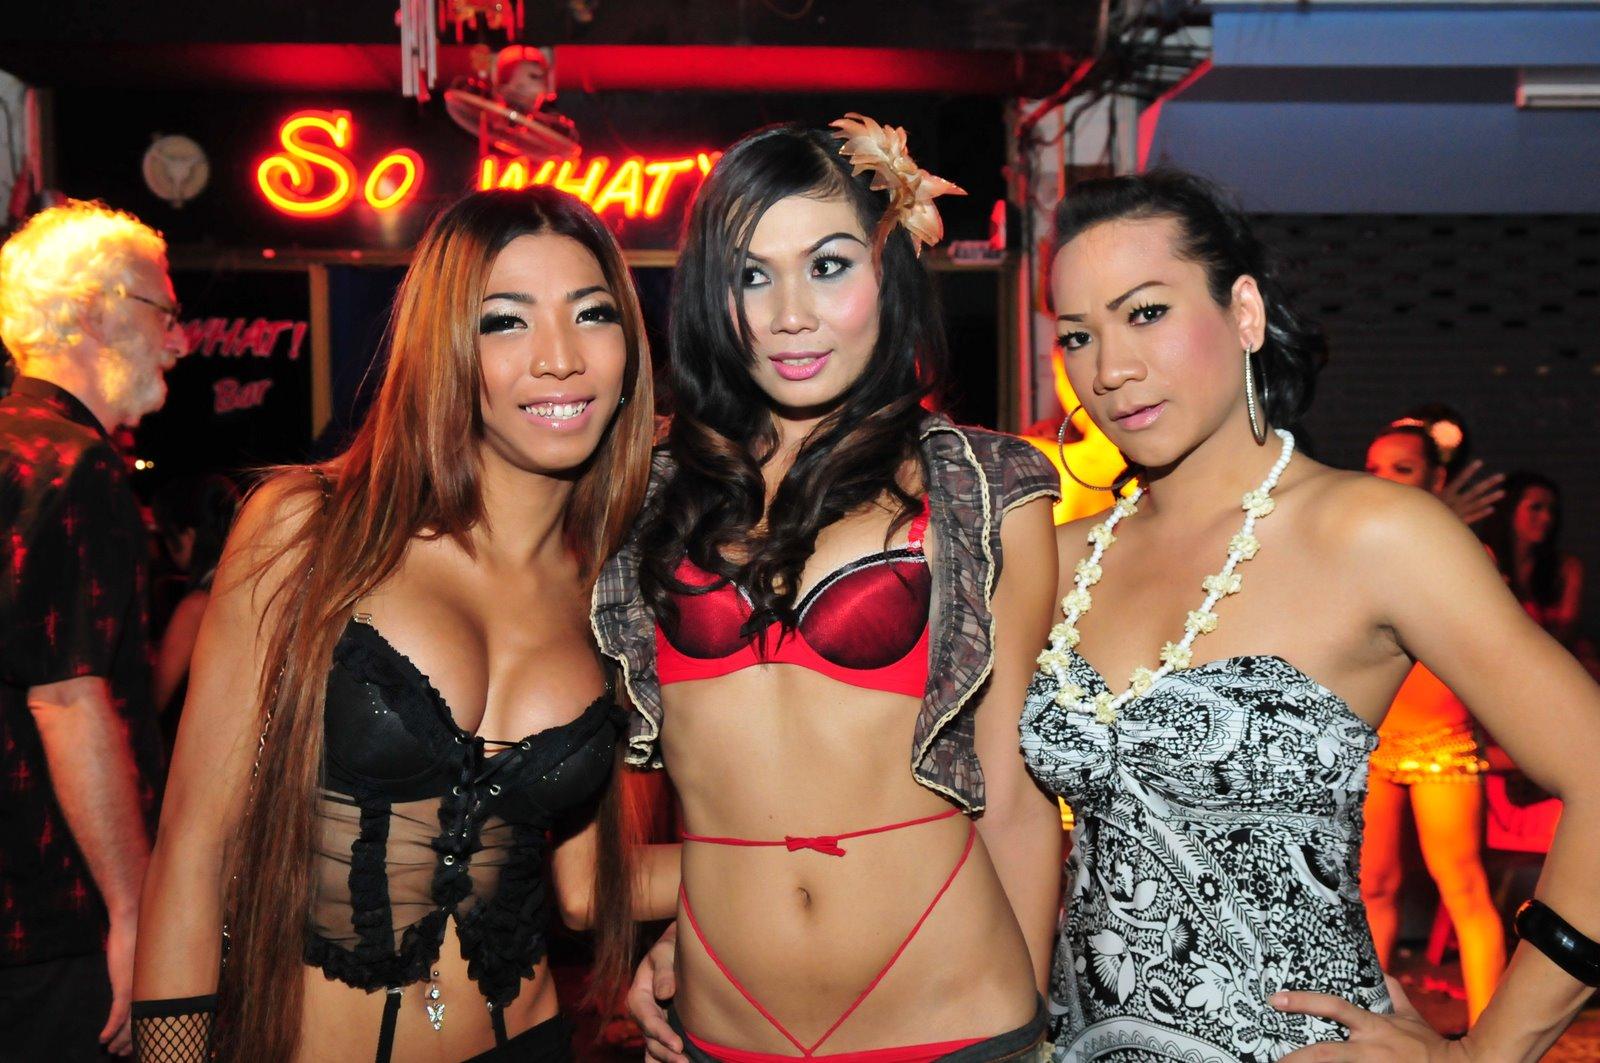 Трансвеститы леди фото 5 фотография